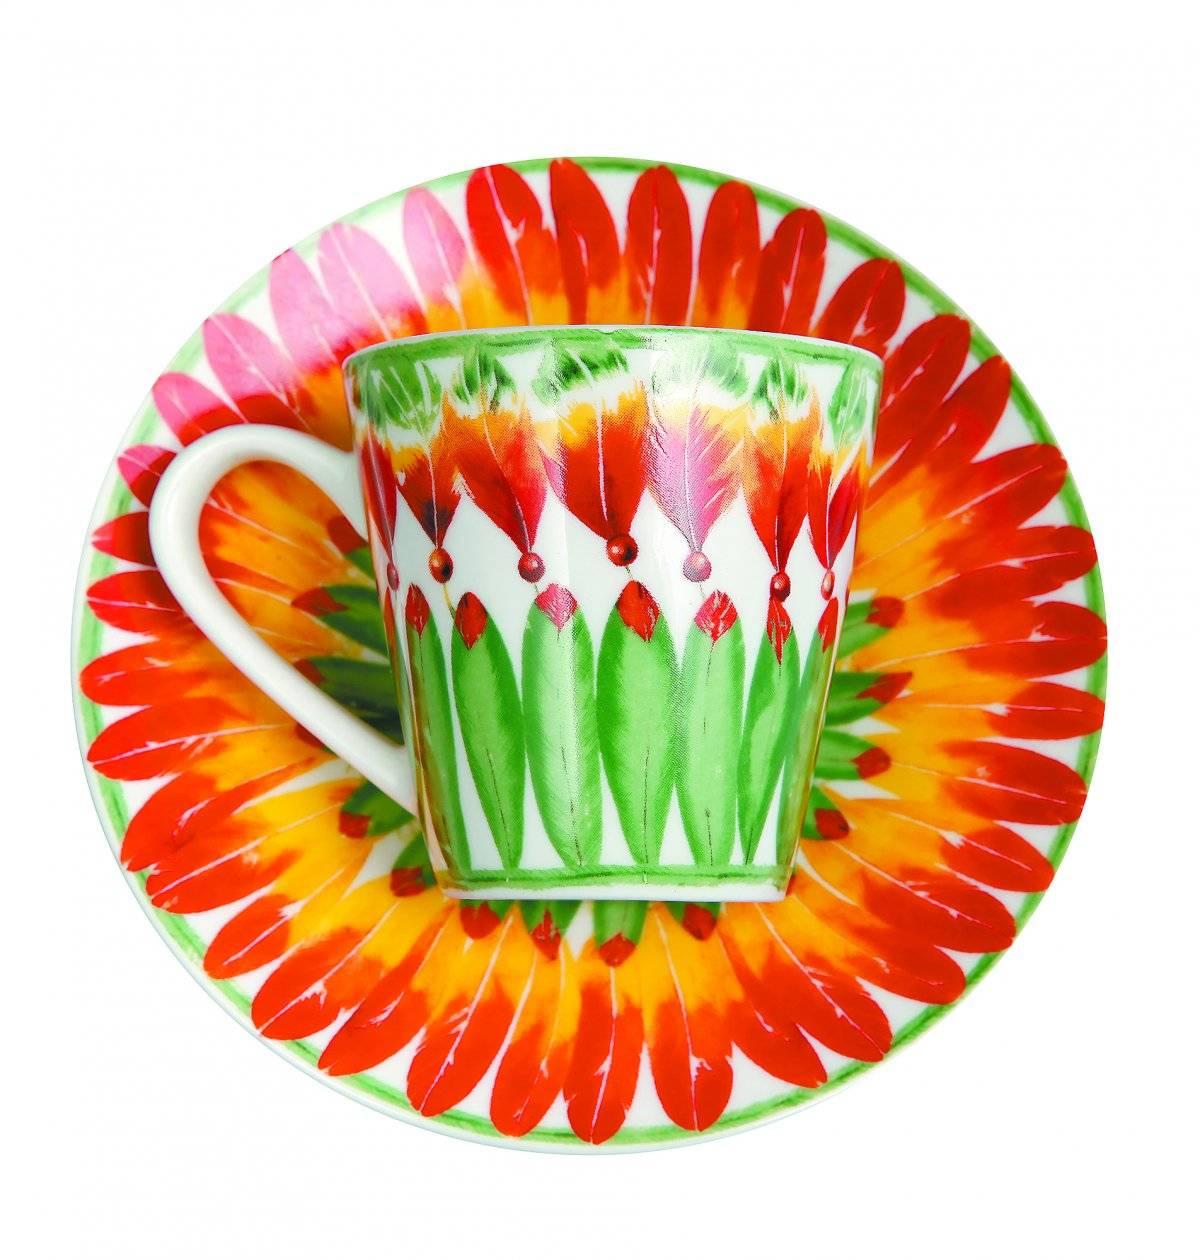 Conjunto prato e xícara tropicana www.lelis.com.br Reprodução